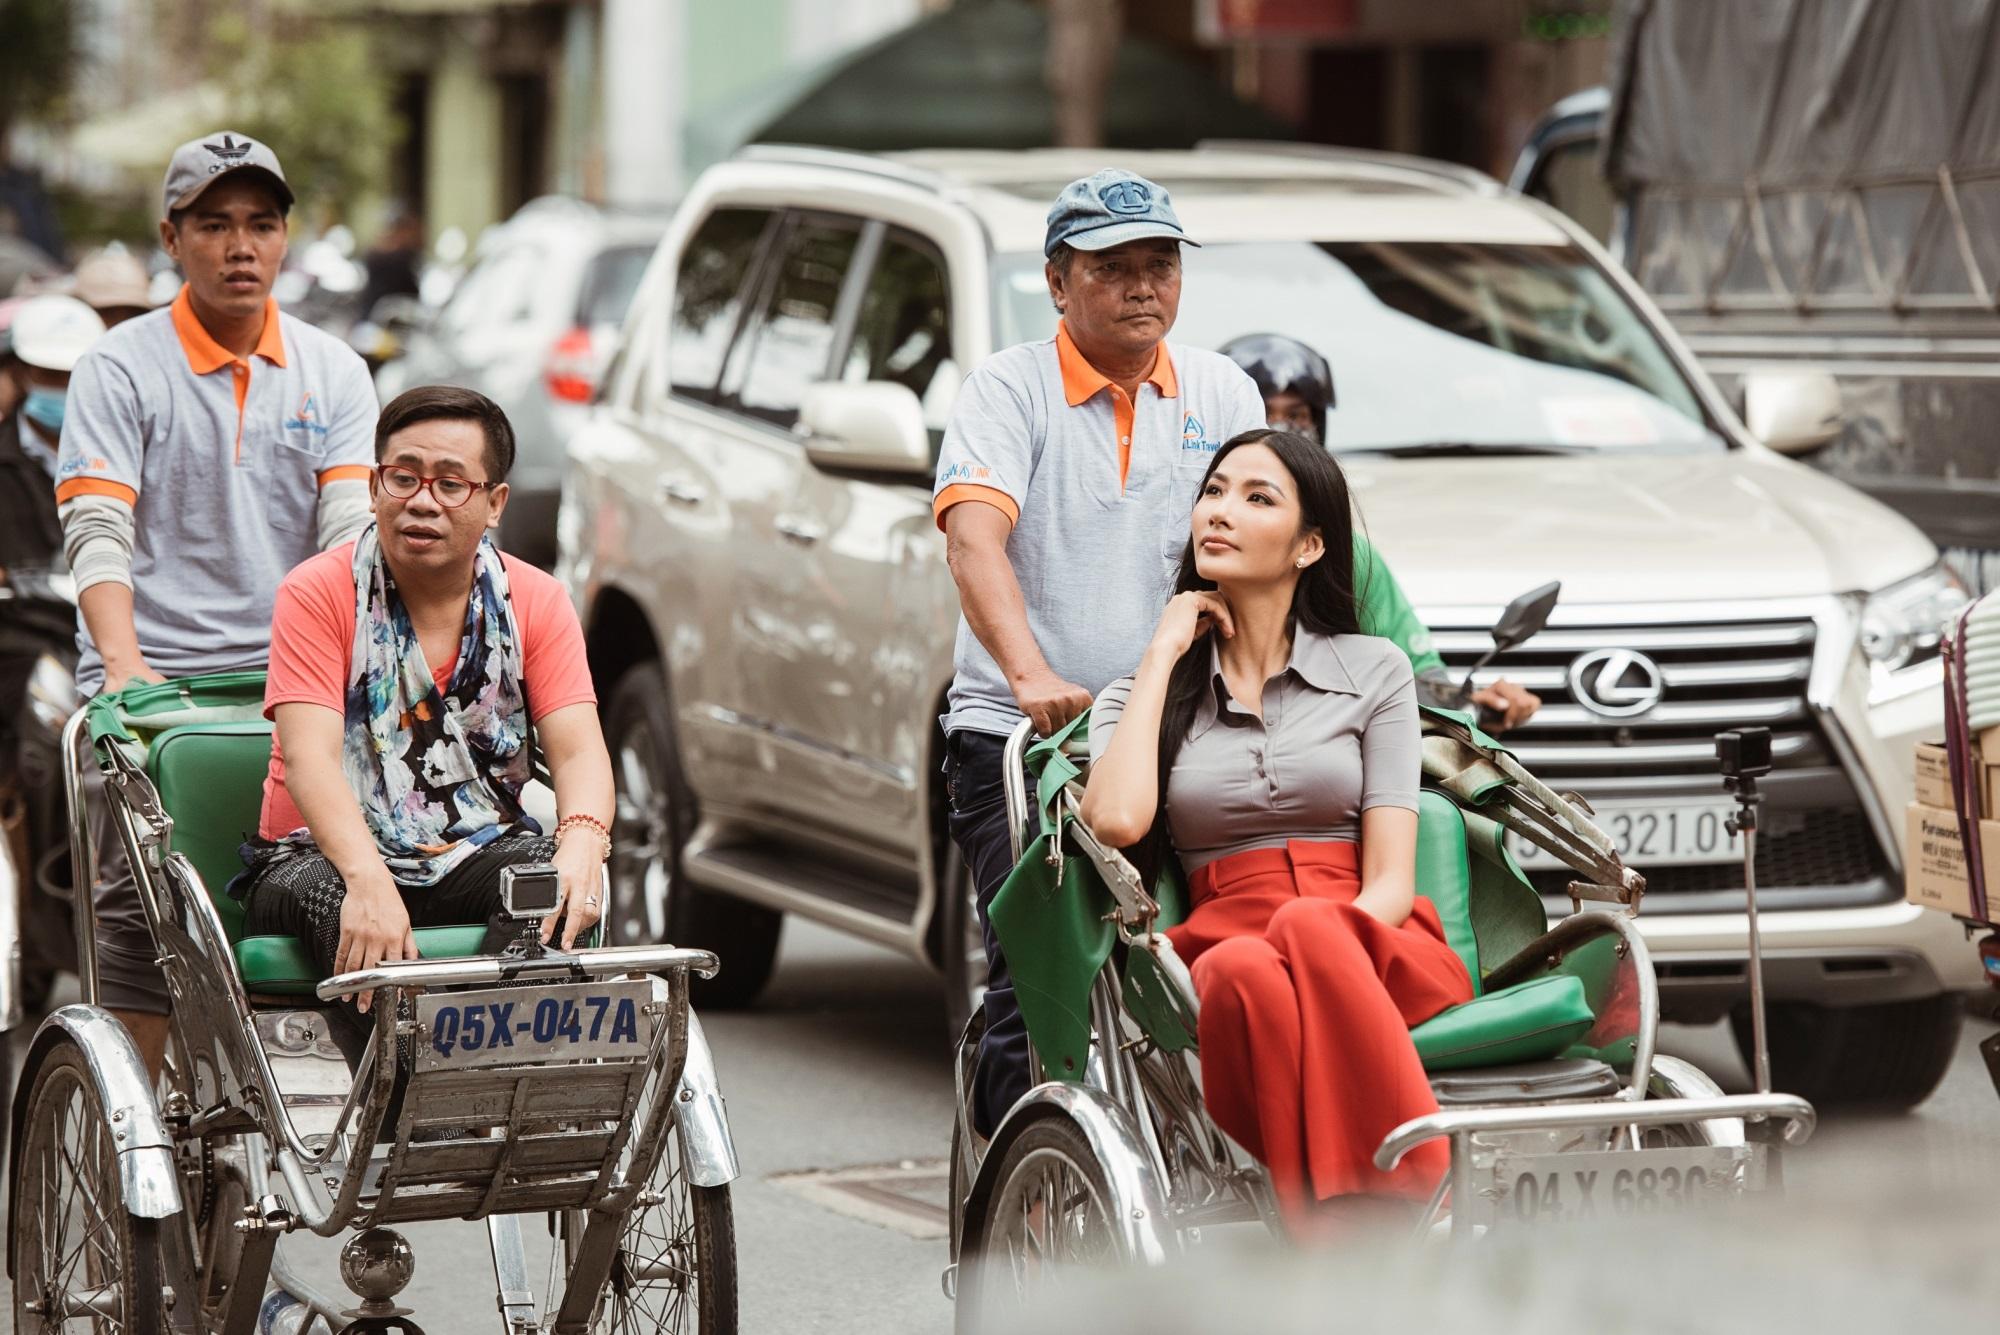 Hoàng Thùy tự tin nói tiếng Anh, cùng thầy dạy catwalk khám phá Sài Gòn - Ảnh 1